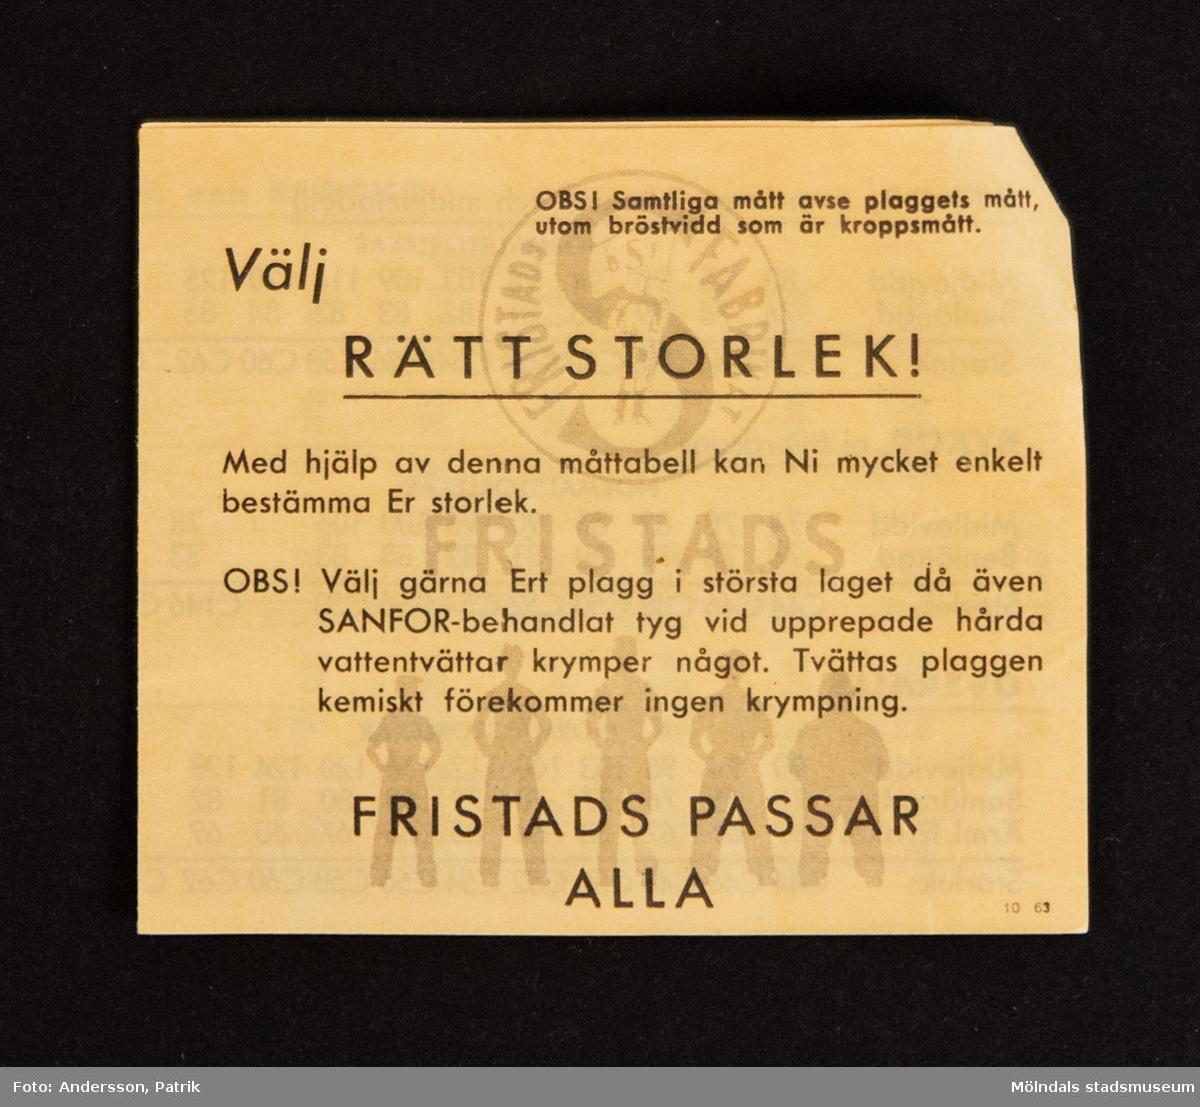 Häfte: Välj RÄTT STORLEK! Ett häfte följer med varje plagg man köper från Fristads.